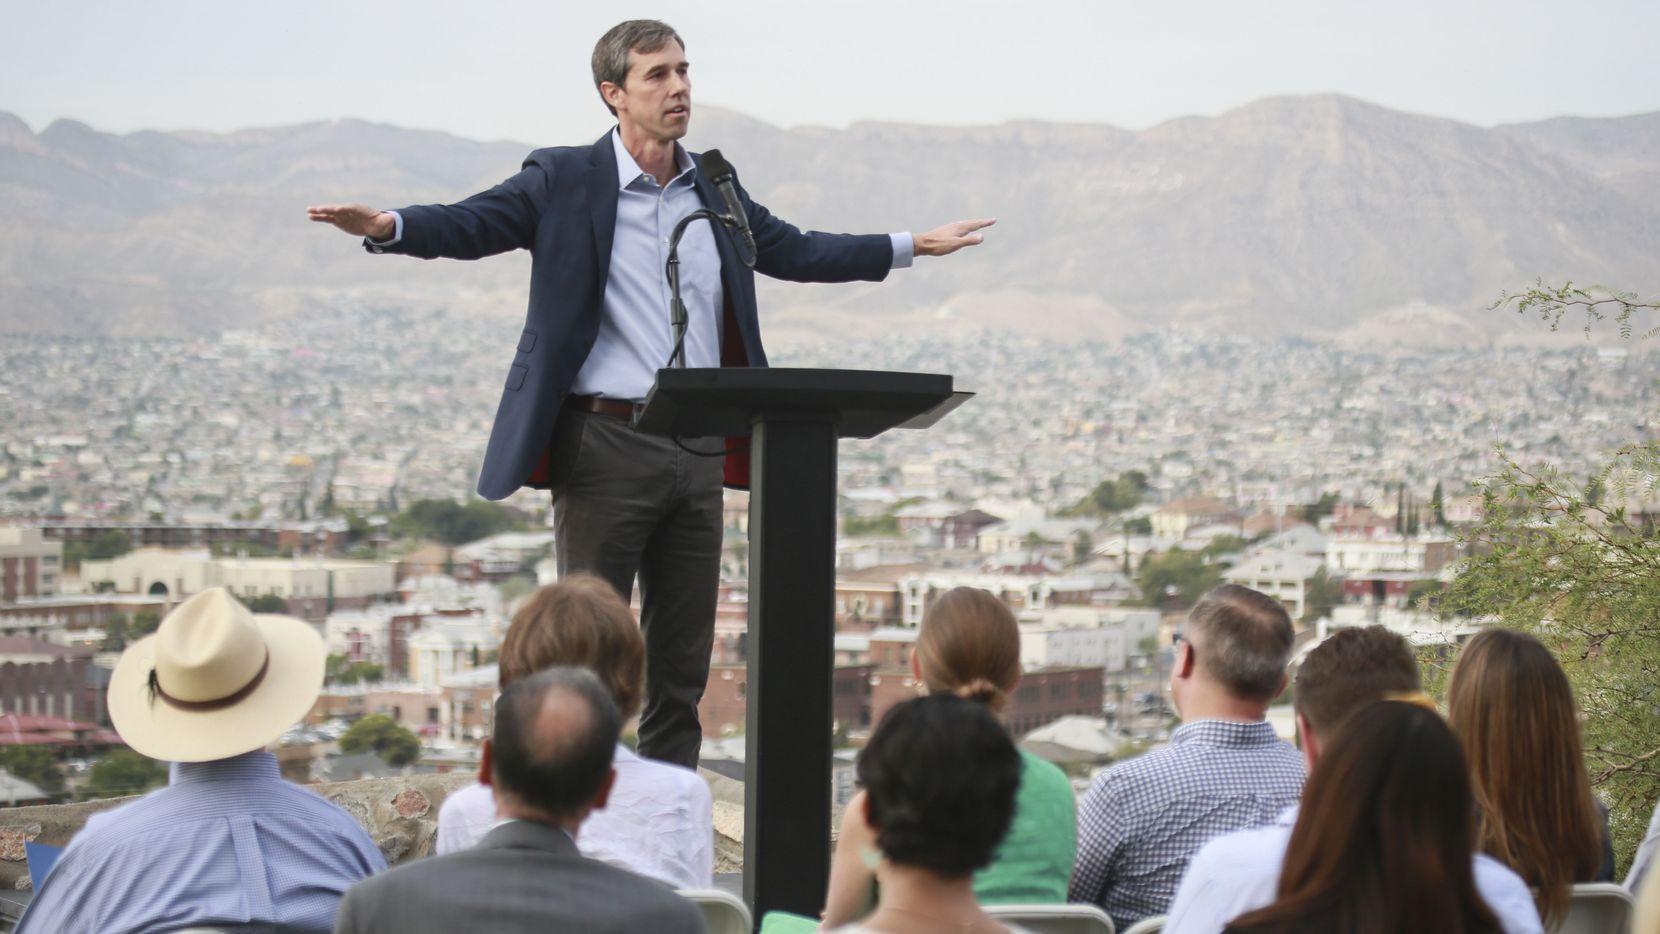 El candidato demócrata Beto O'Rourke retomó su campaña por la nominación del Partido Demócrata en El Paso, Texas.